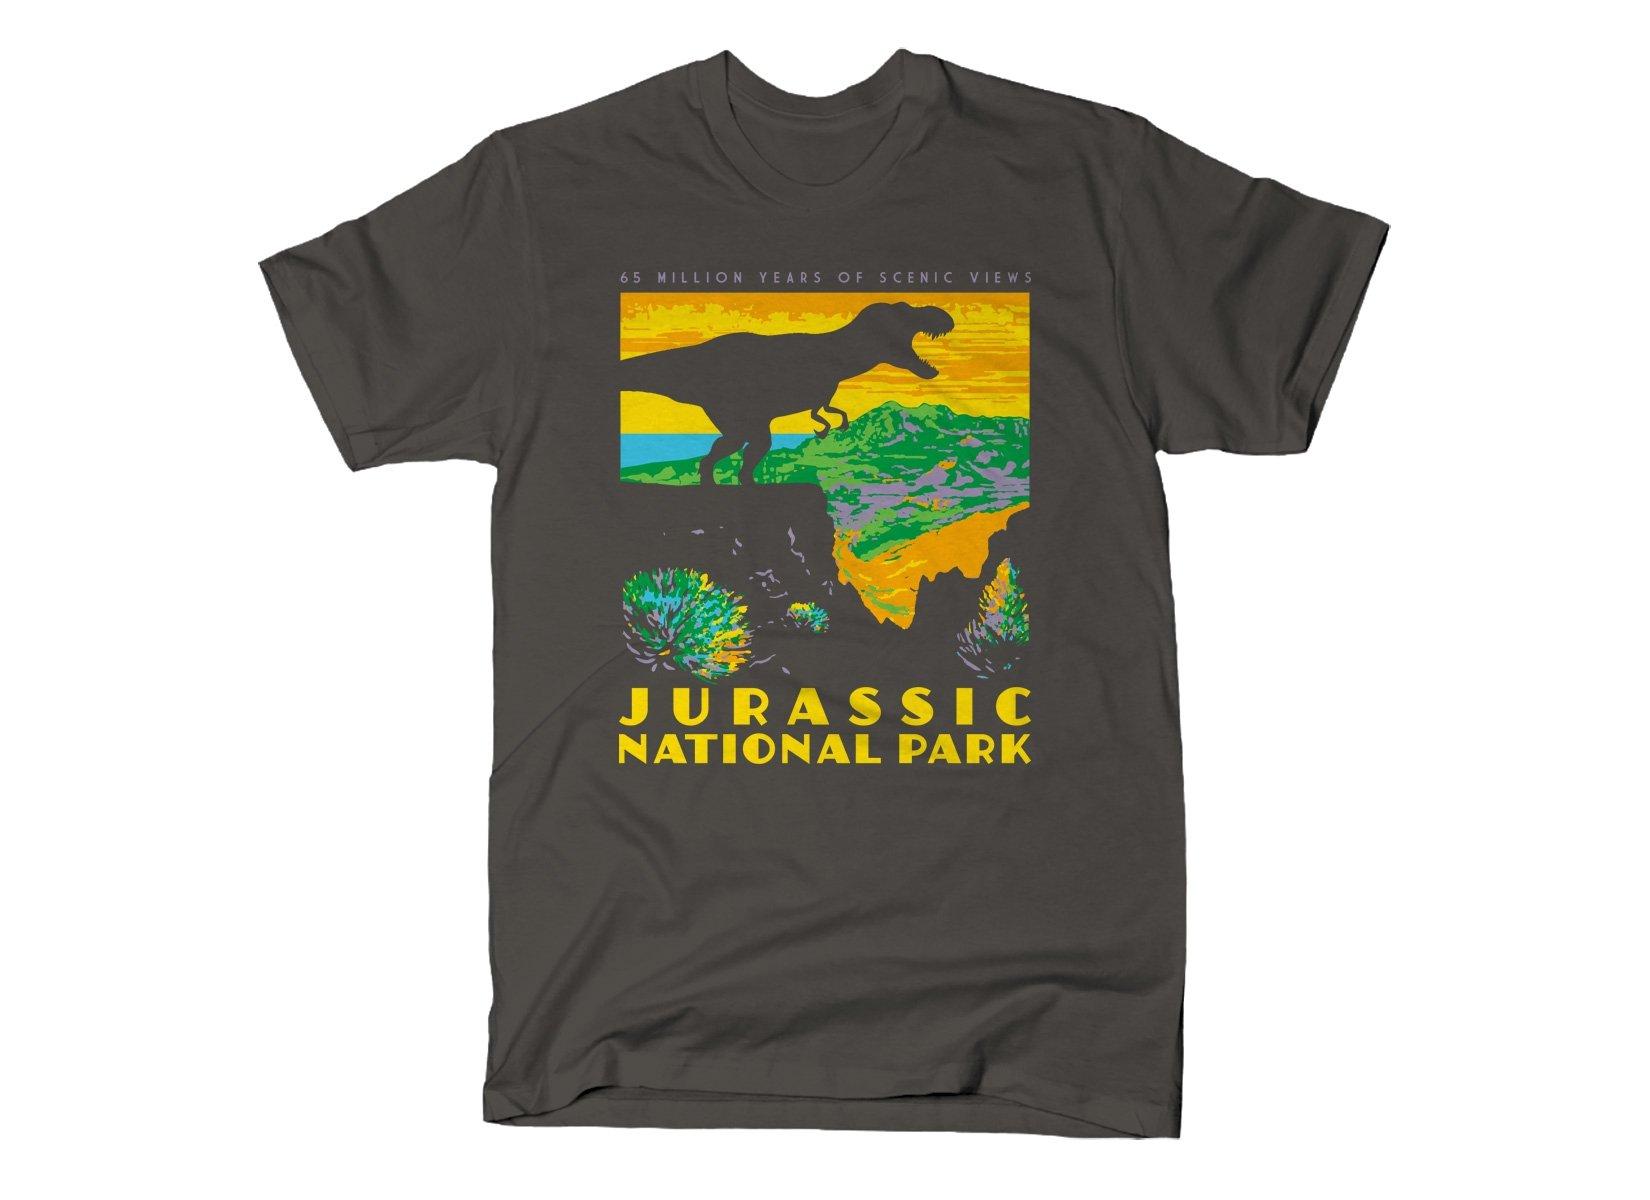 Jurassic National Park